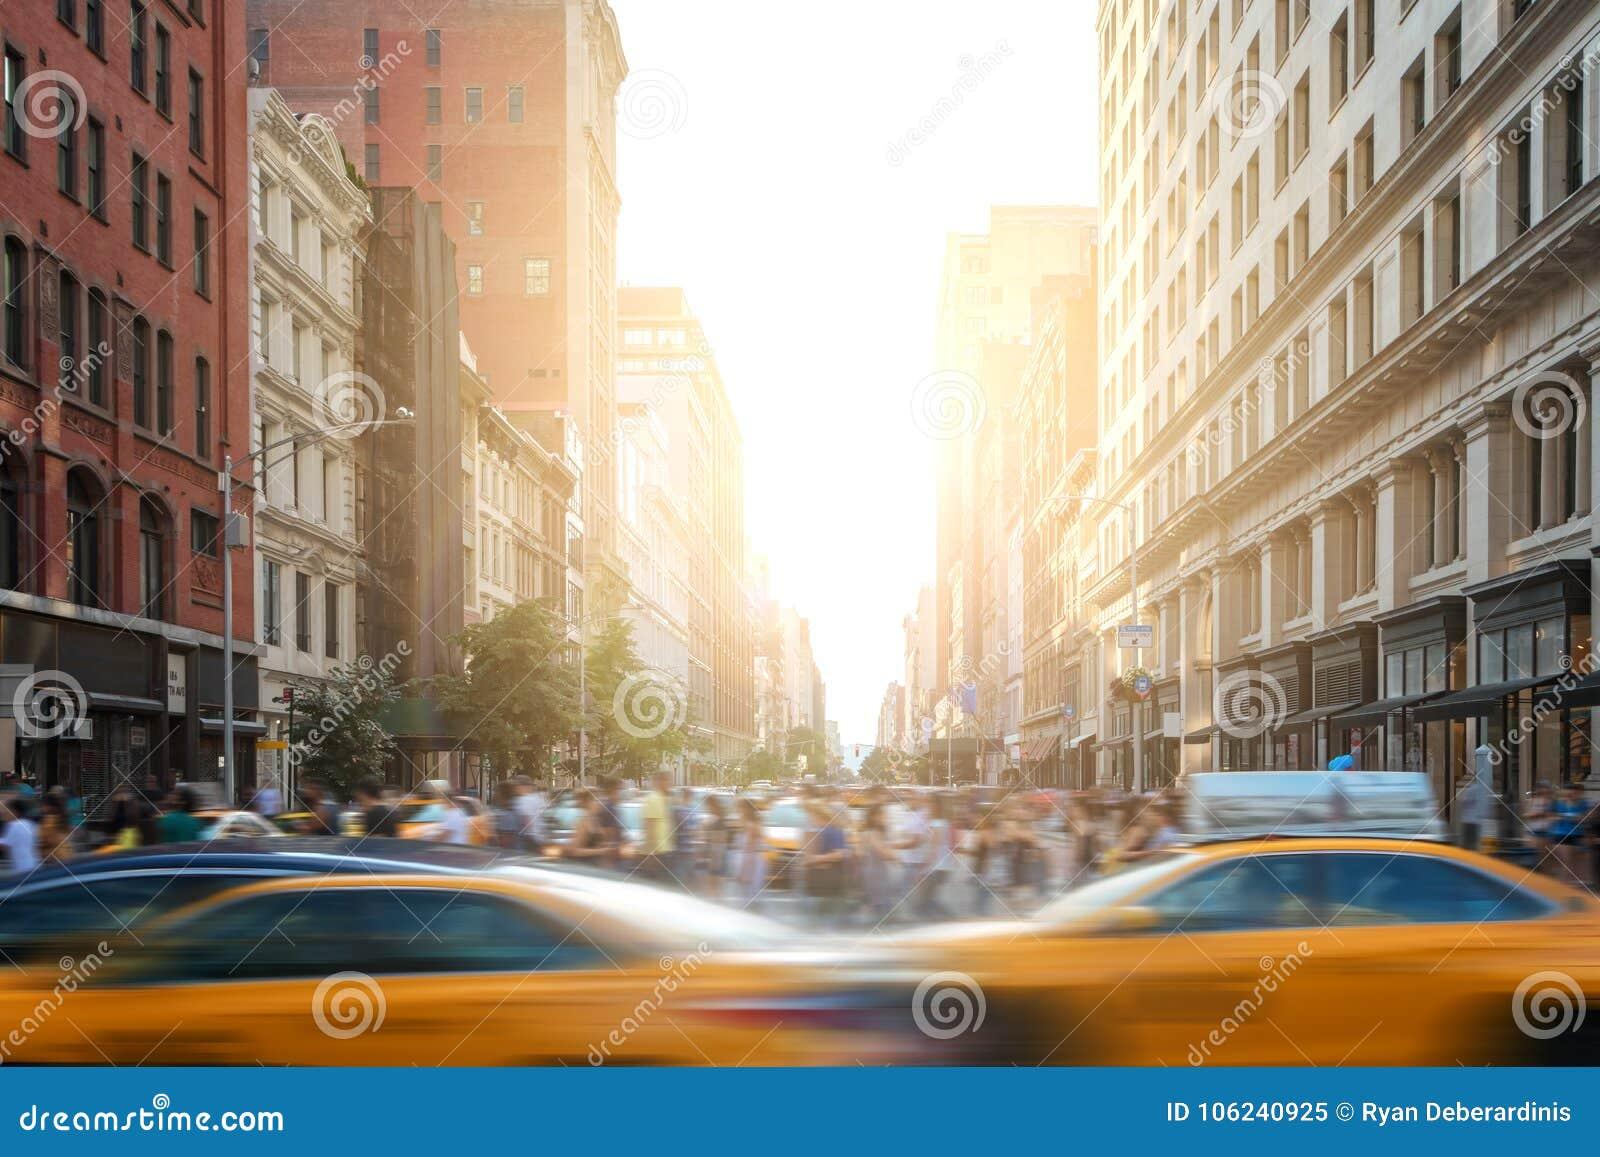 Snabb-stegat liv i New York City gataplats med taxiar som kör ner den 5th avenyn och folkmassor av folk i New York City